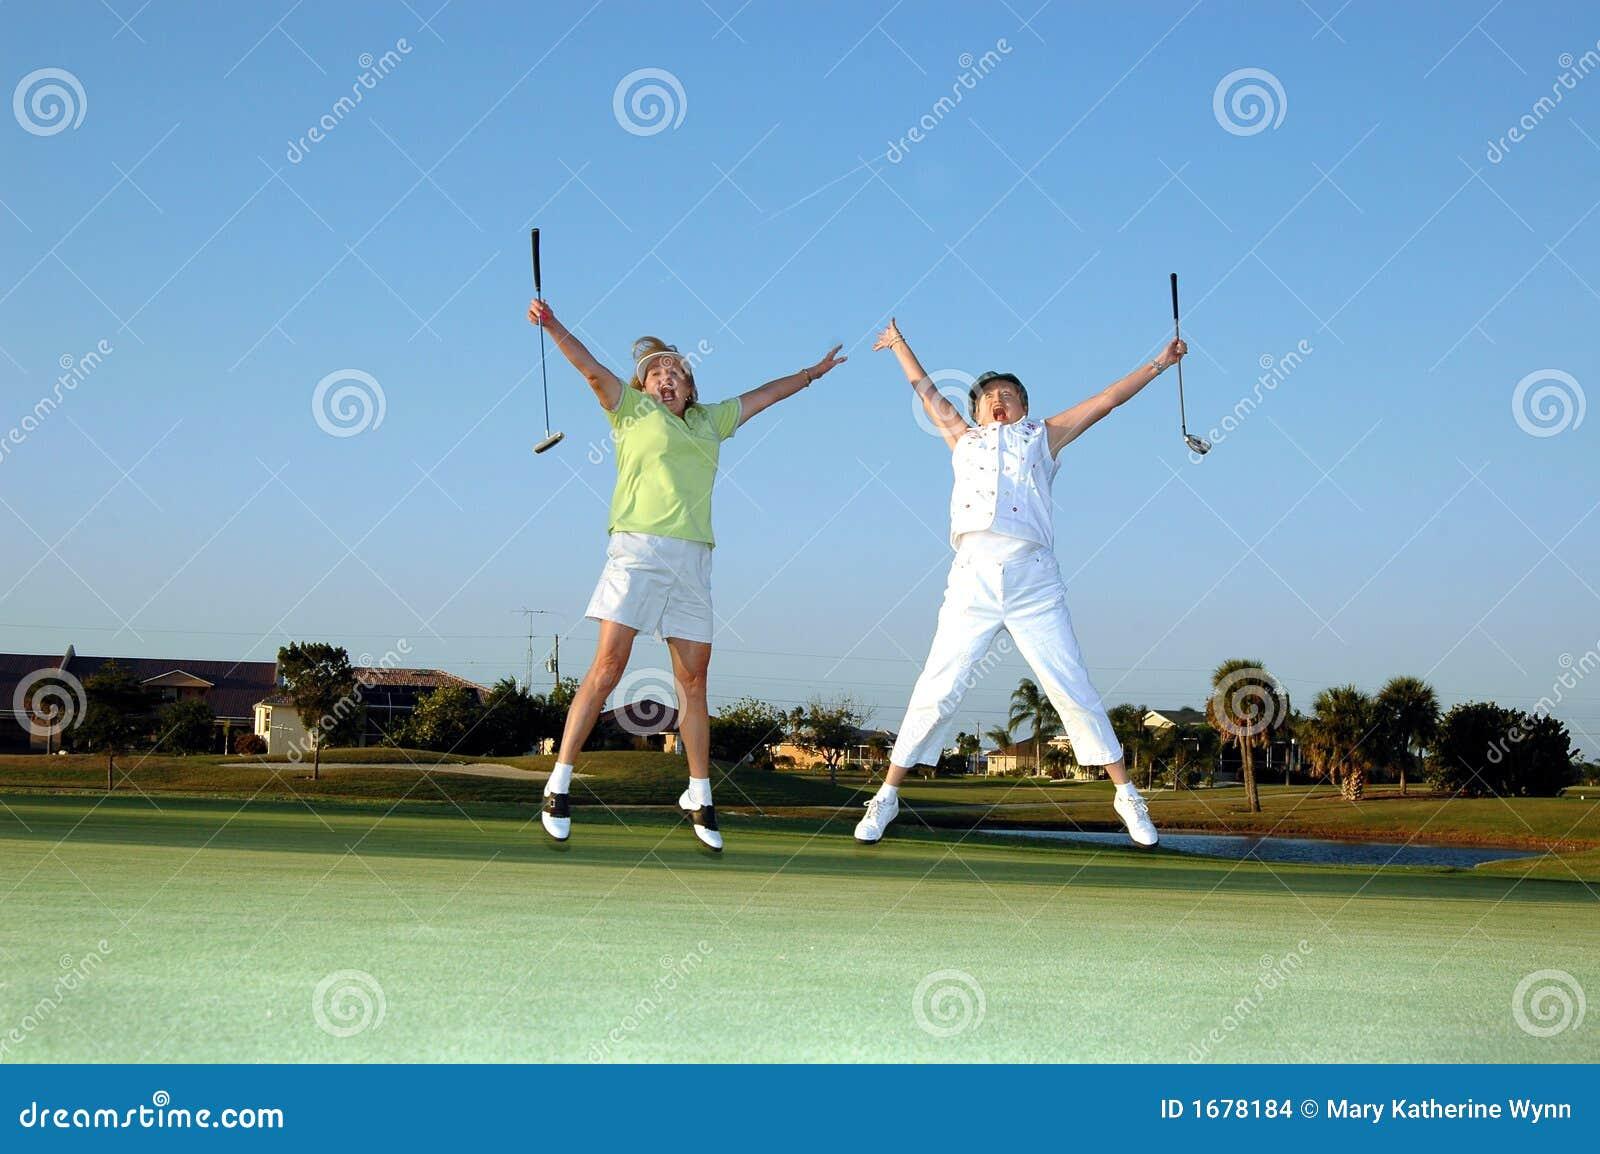 Joyful Lady Golfers Stock Images - Image: 1678184